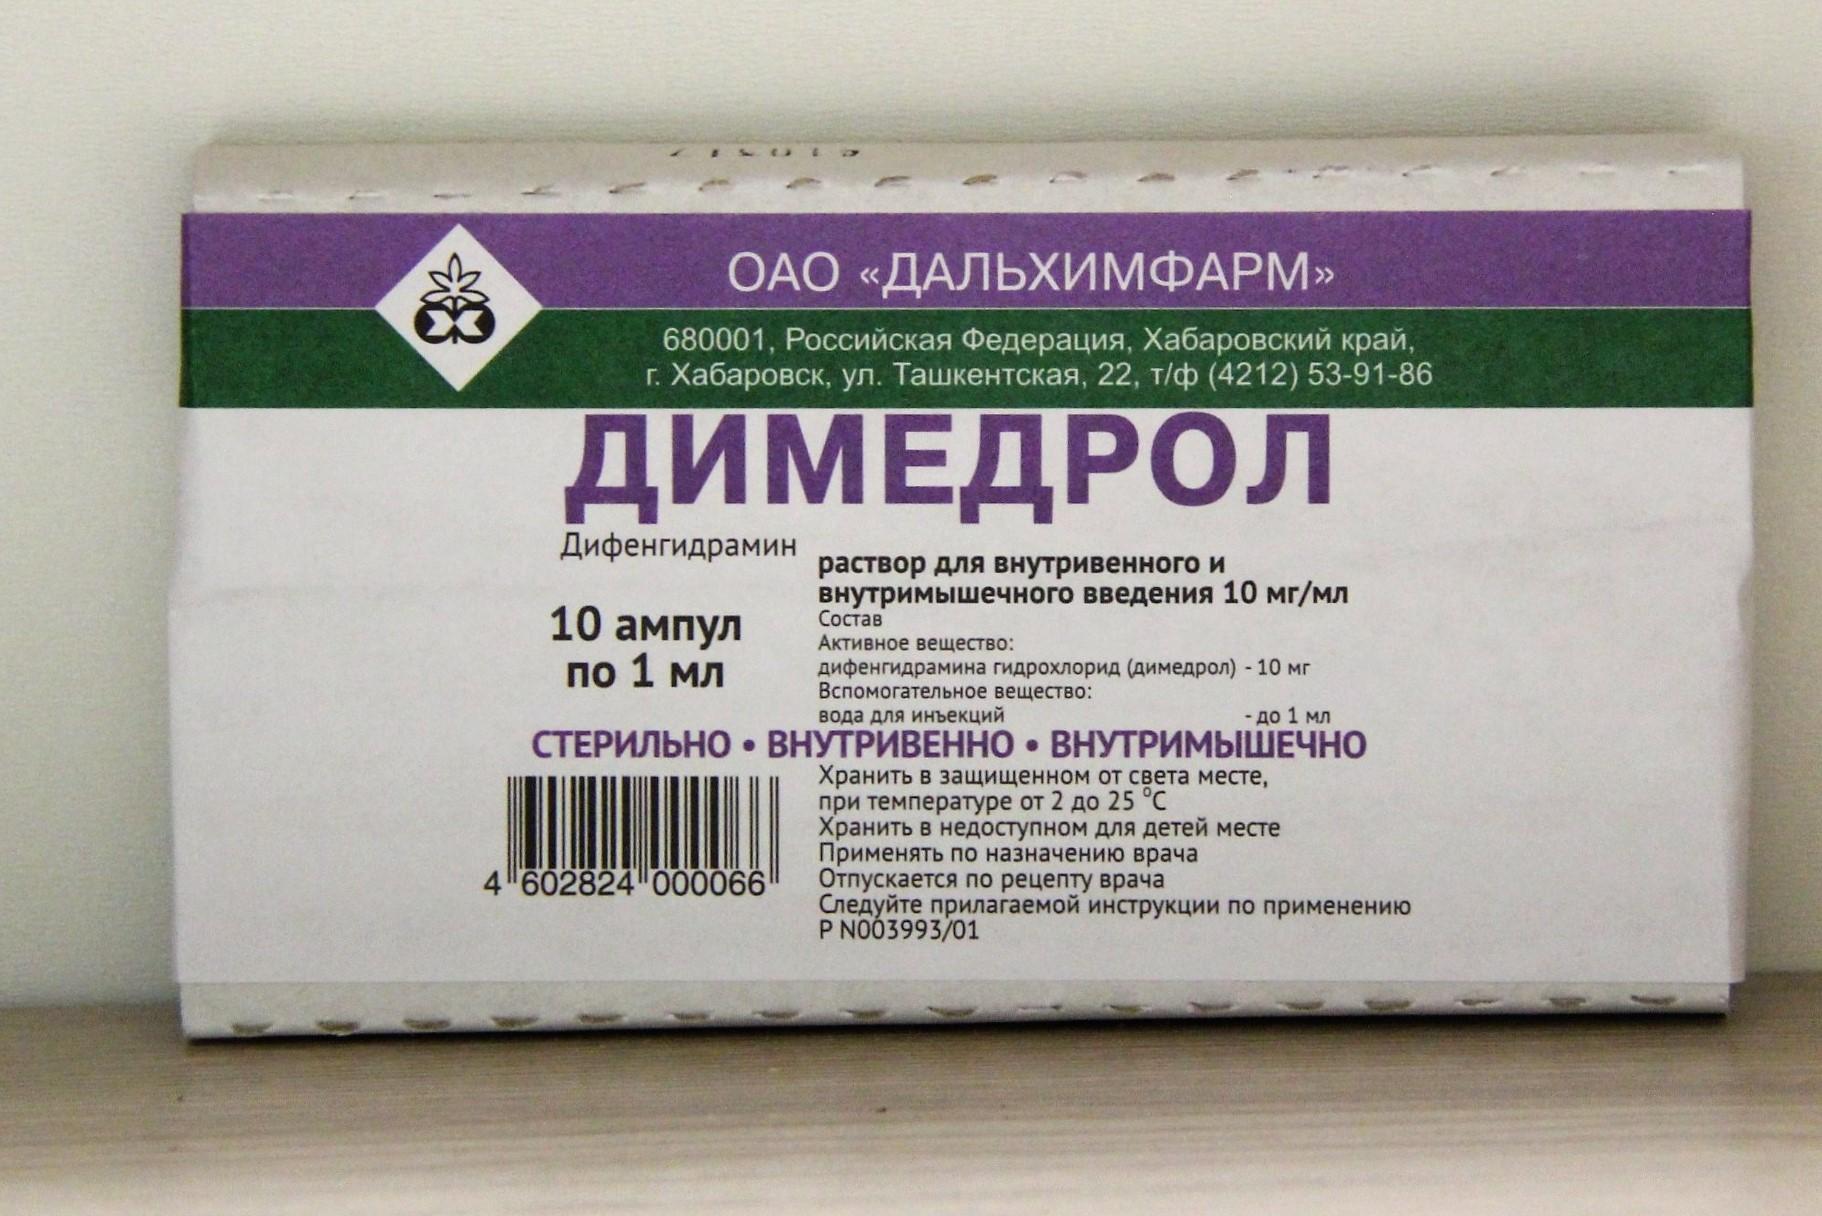 Димедрол (dimedrol): описание, рецепт, инструкция